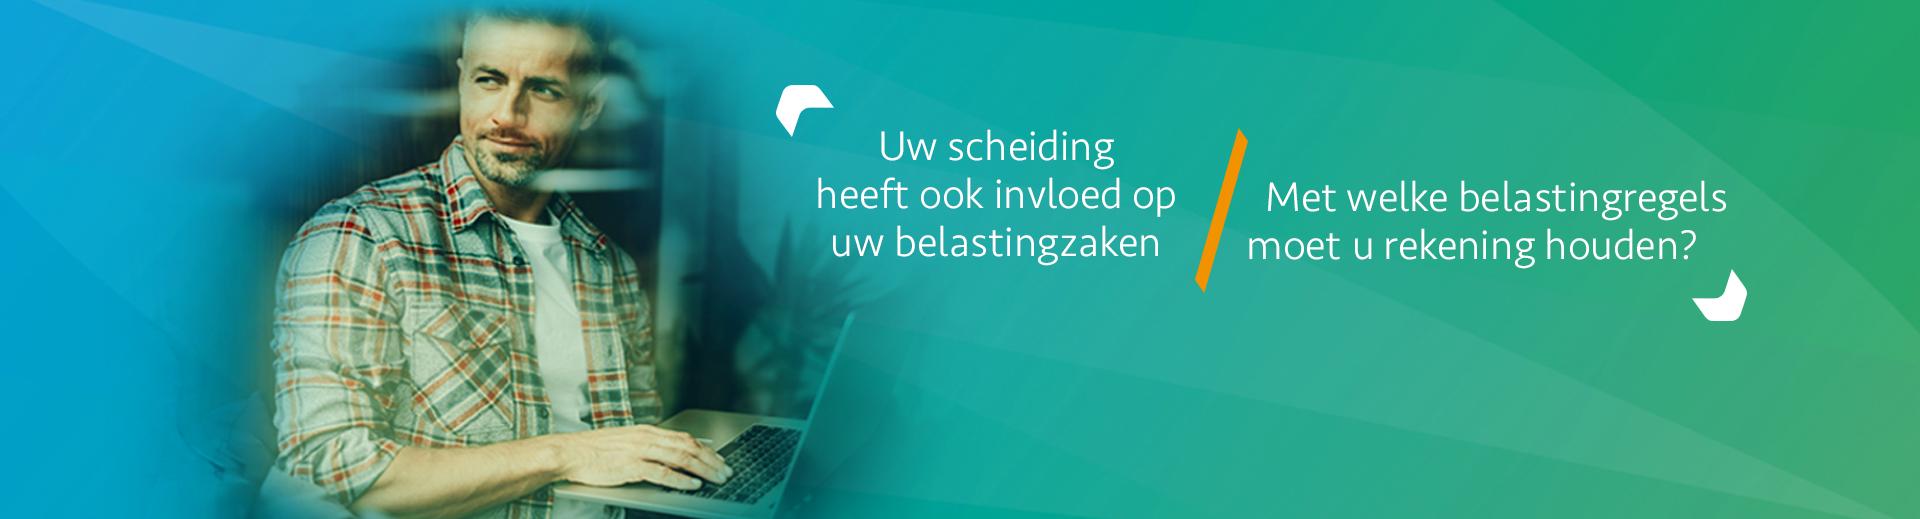 Fiscale gevolgen scheiding - Scheidingsplanner Hilversum - Bilthoven - Soest - Het Gooi